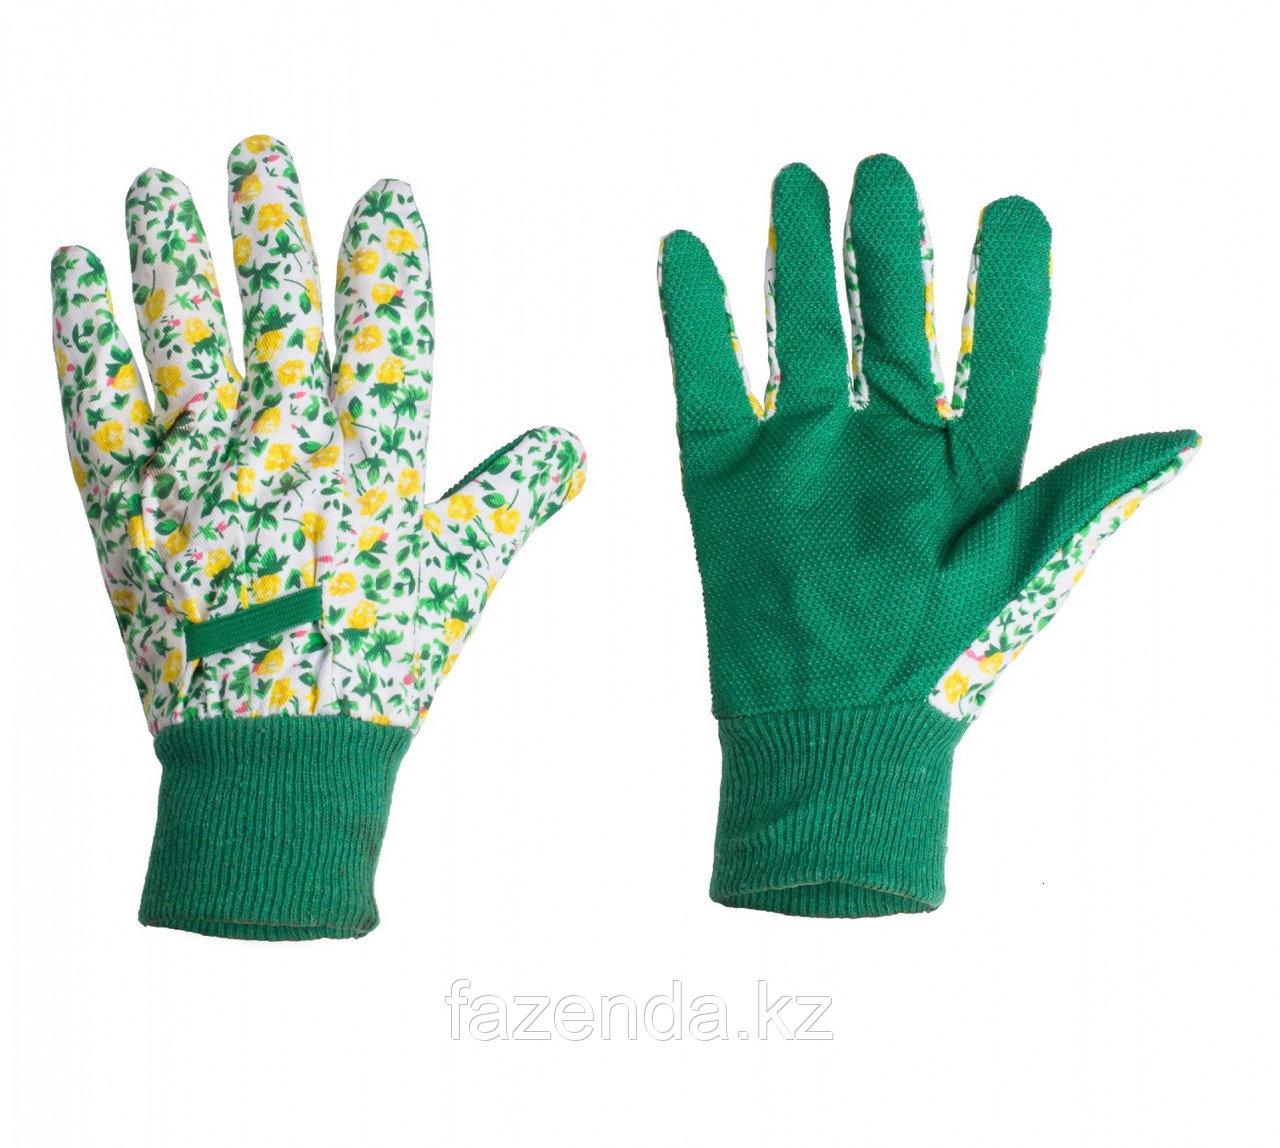 Перчатки садовые с ПВХ покрытием